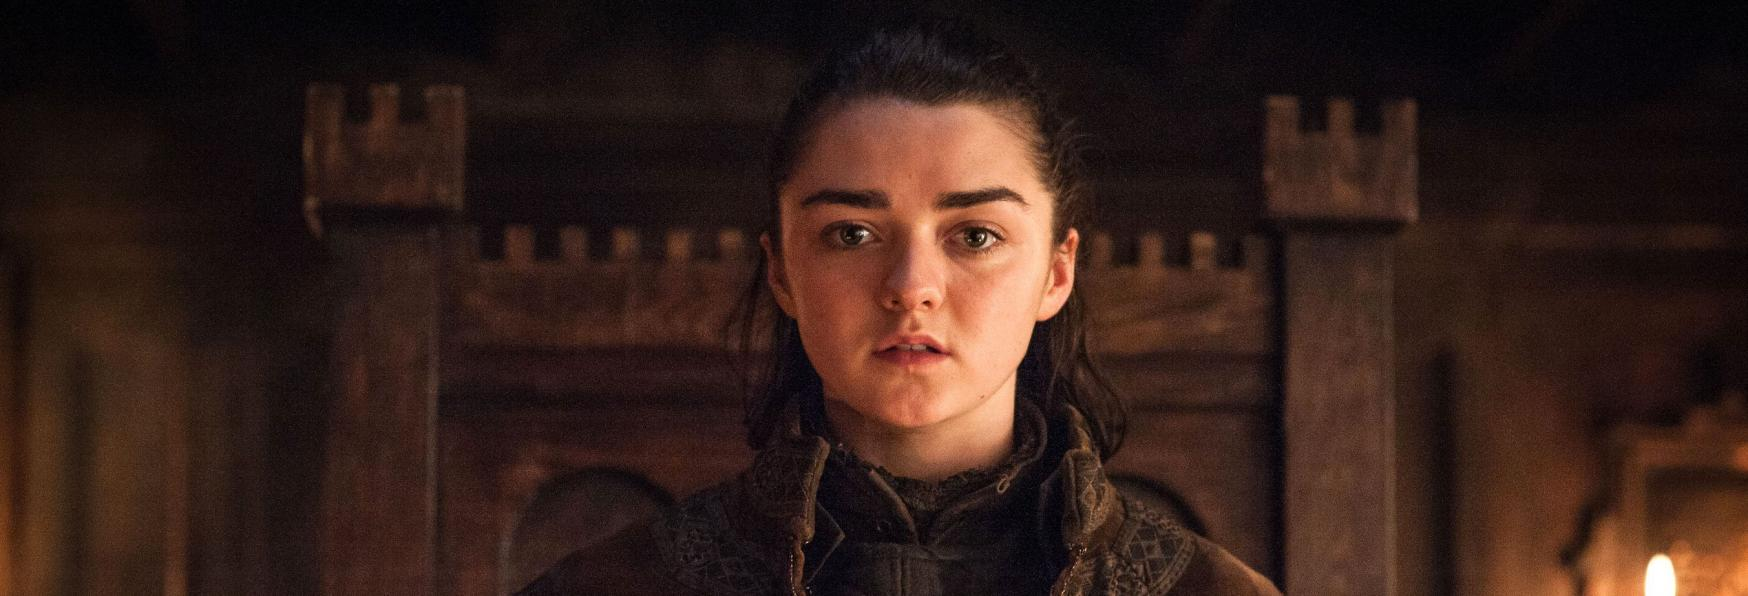 Game of Thrones: Maisie Williams svela un Finale Alternativo della Serie TV HBO